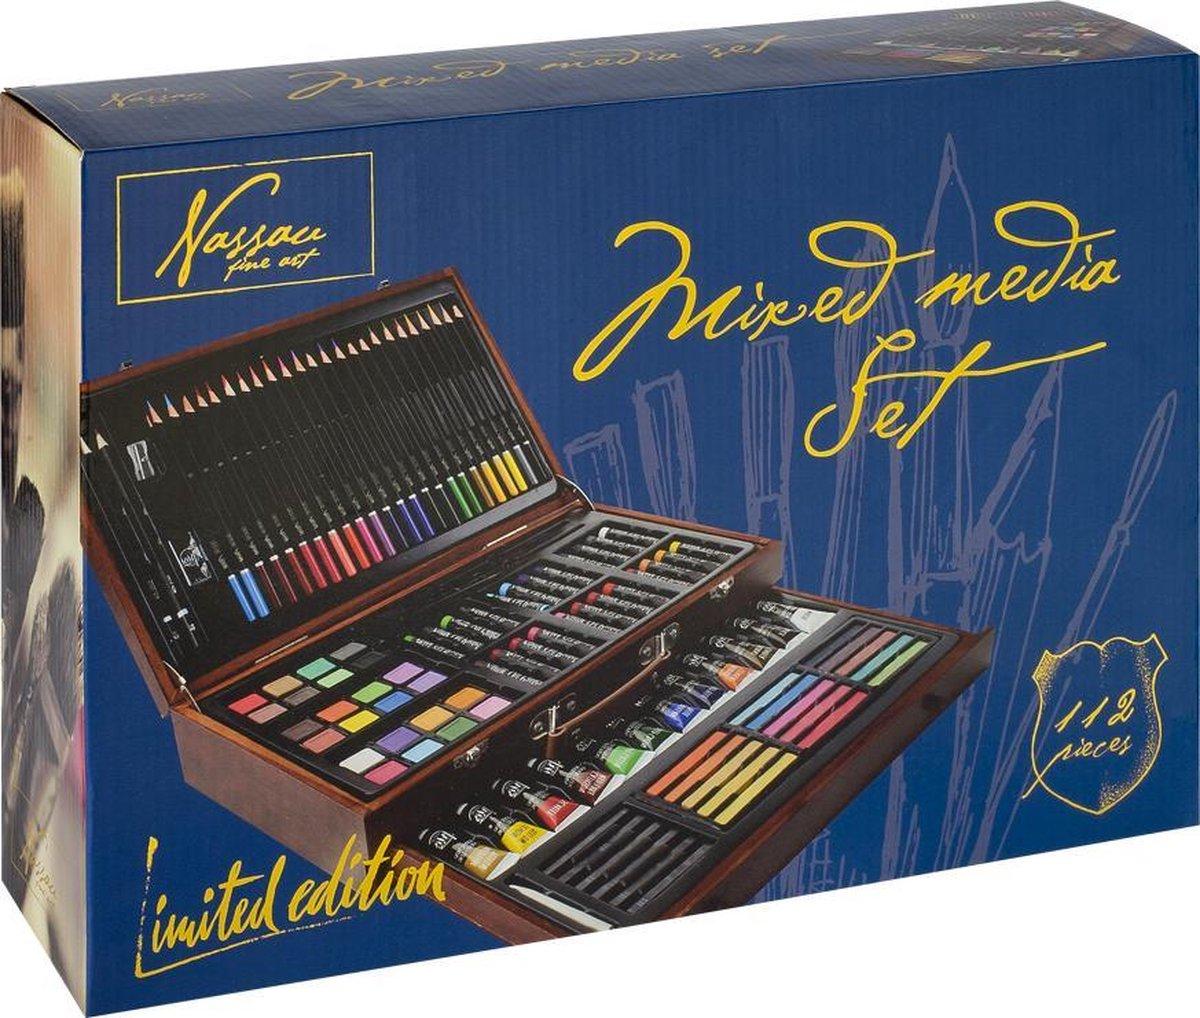 Nassau Fine Art tekendoos | 112-delig | Mixed media set | Kleuren - kleurpotloden - oliepastel - aquarelverf - acrylverf - pastel - grafietpotloden | Cadeau voor de feestdagen kopen